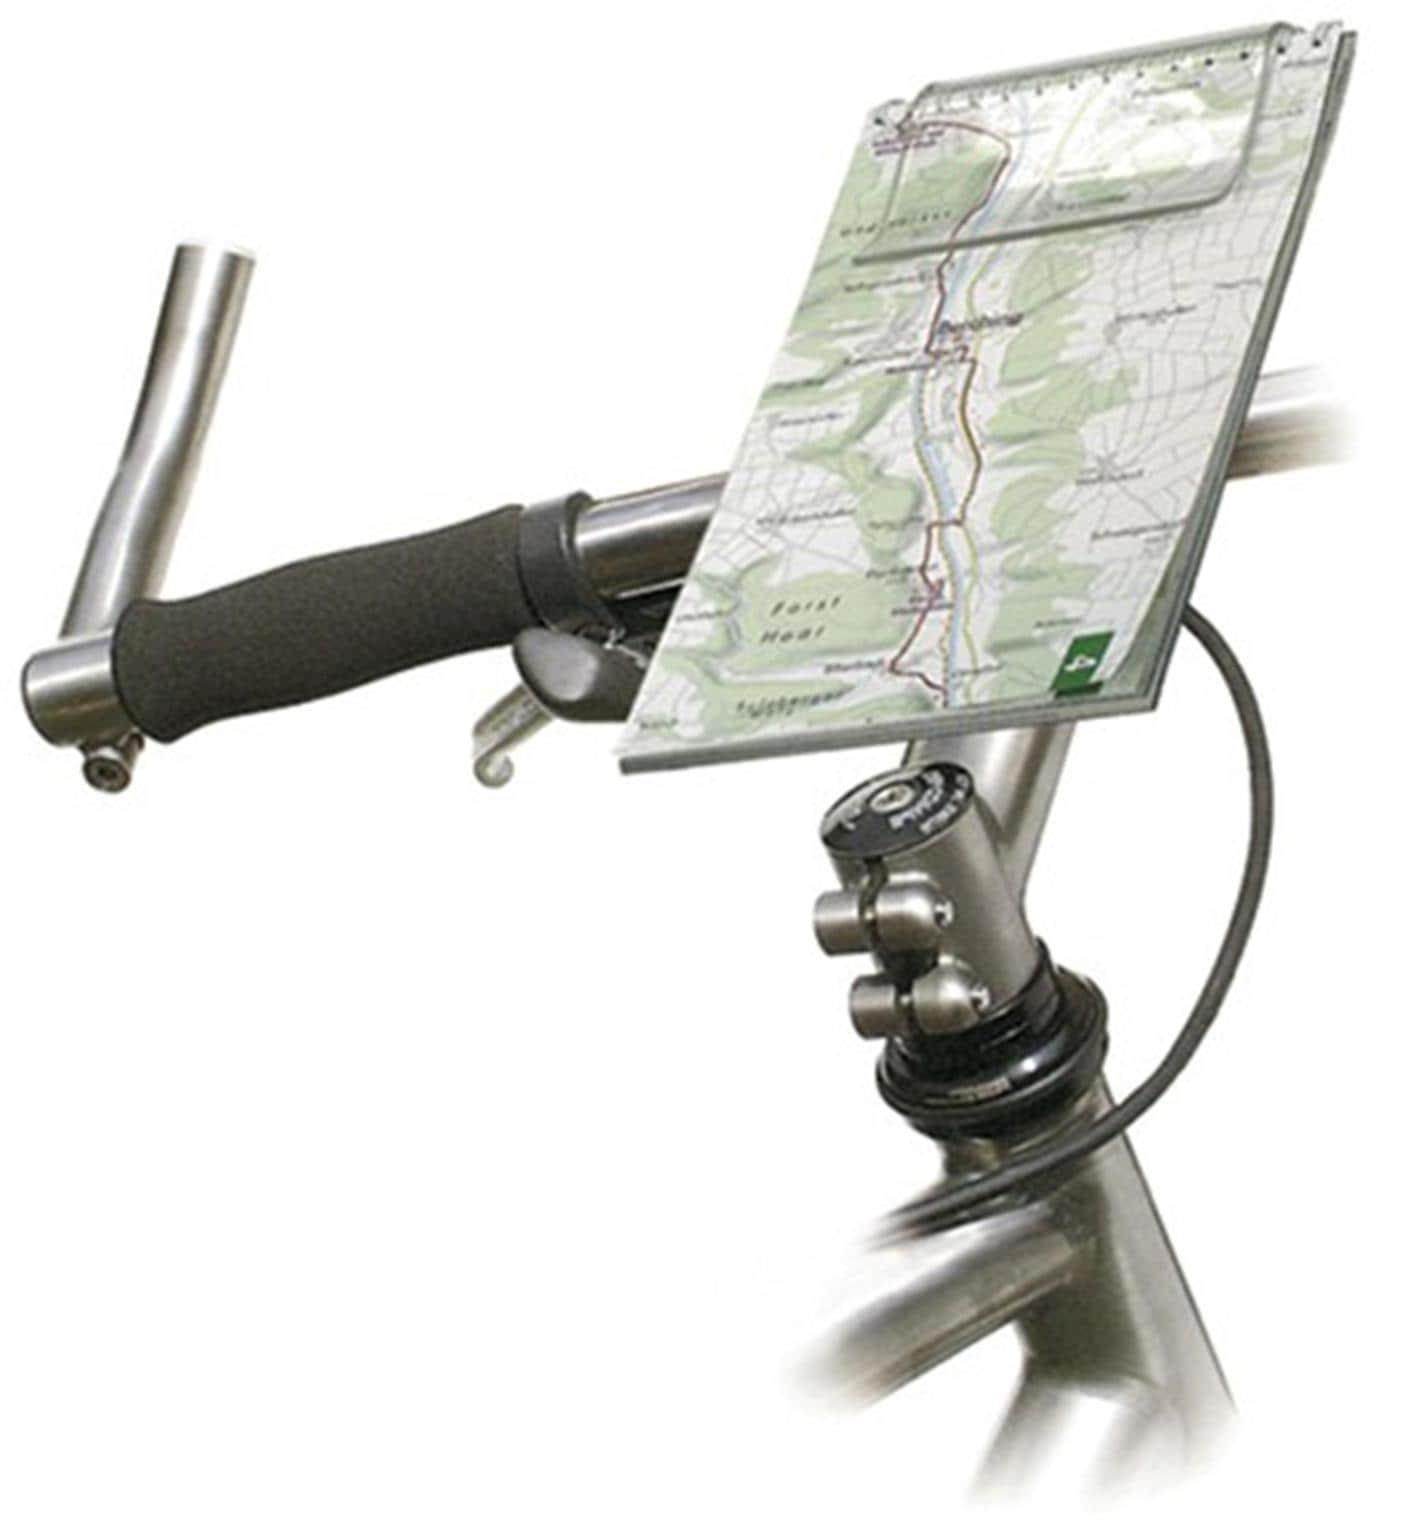 KlickFix Mini Map 2 Fahrrad-Kartenhalter Technik & Freizeit/Sport & Freizeit/Fahrräder & Zubehör/Fahrradzubehör/Fahrradtaschen/Zubehör für Fahrradtaschen